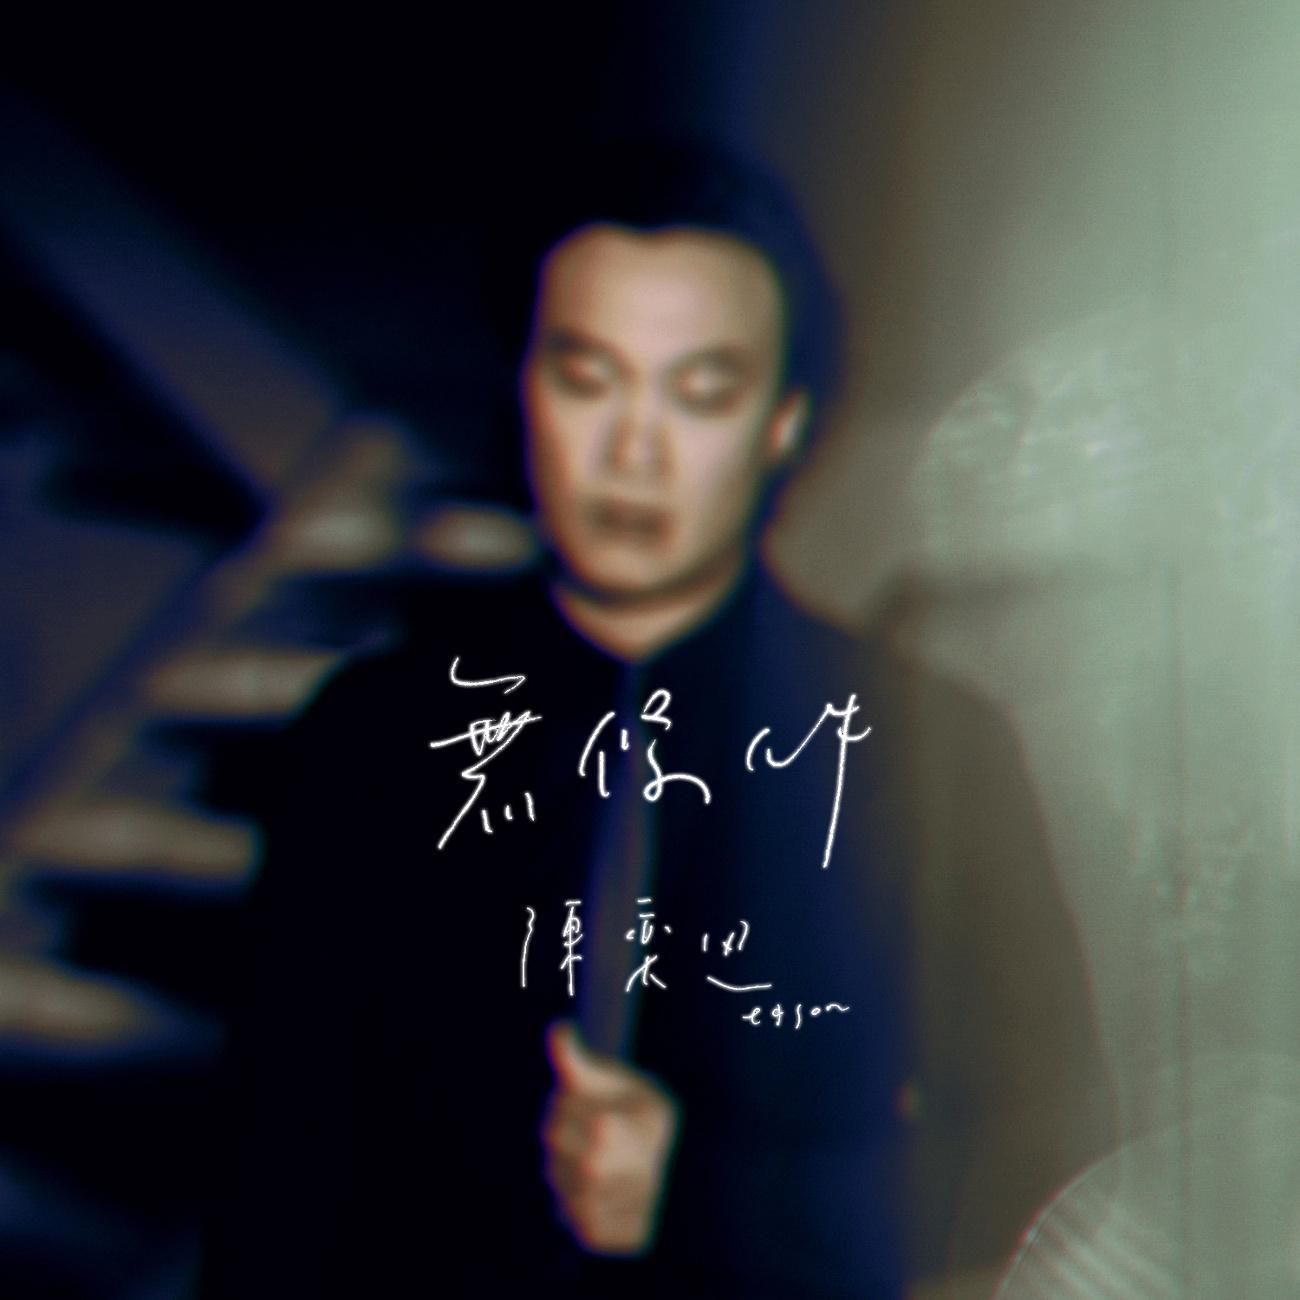 陈奕迅《无条件》高音质音乐